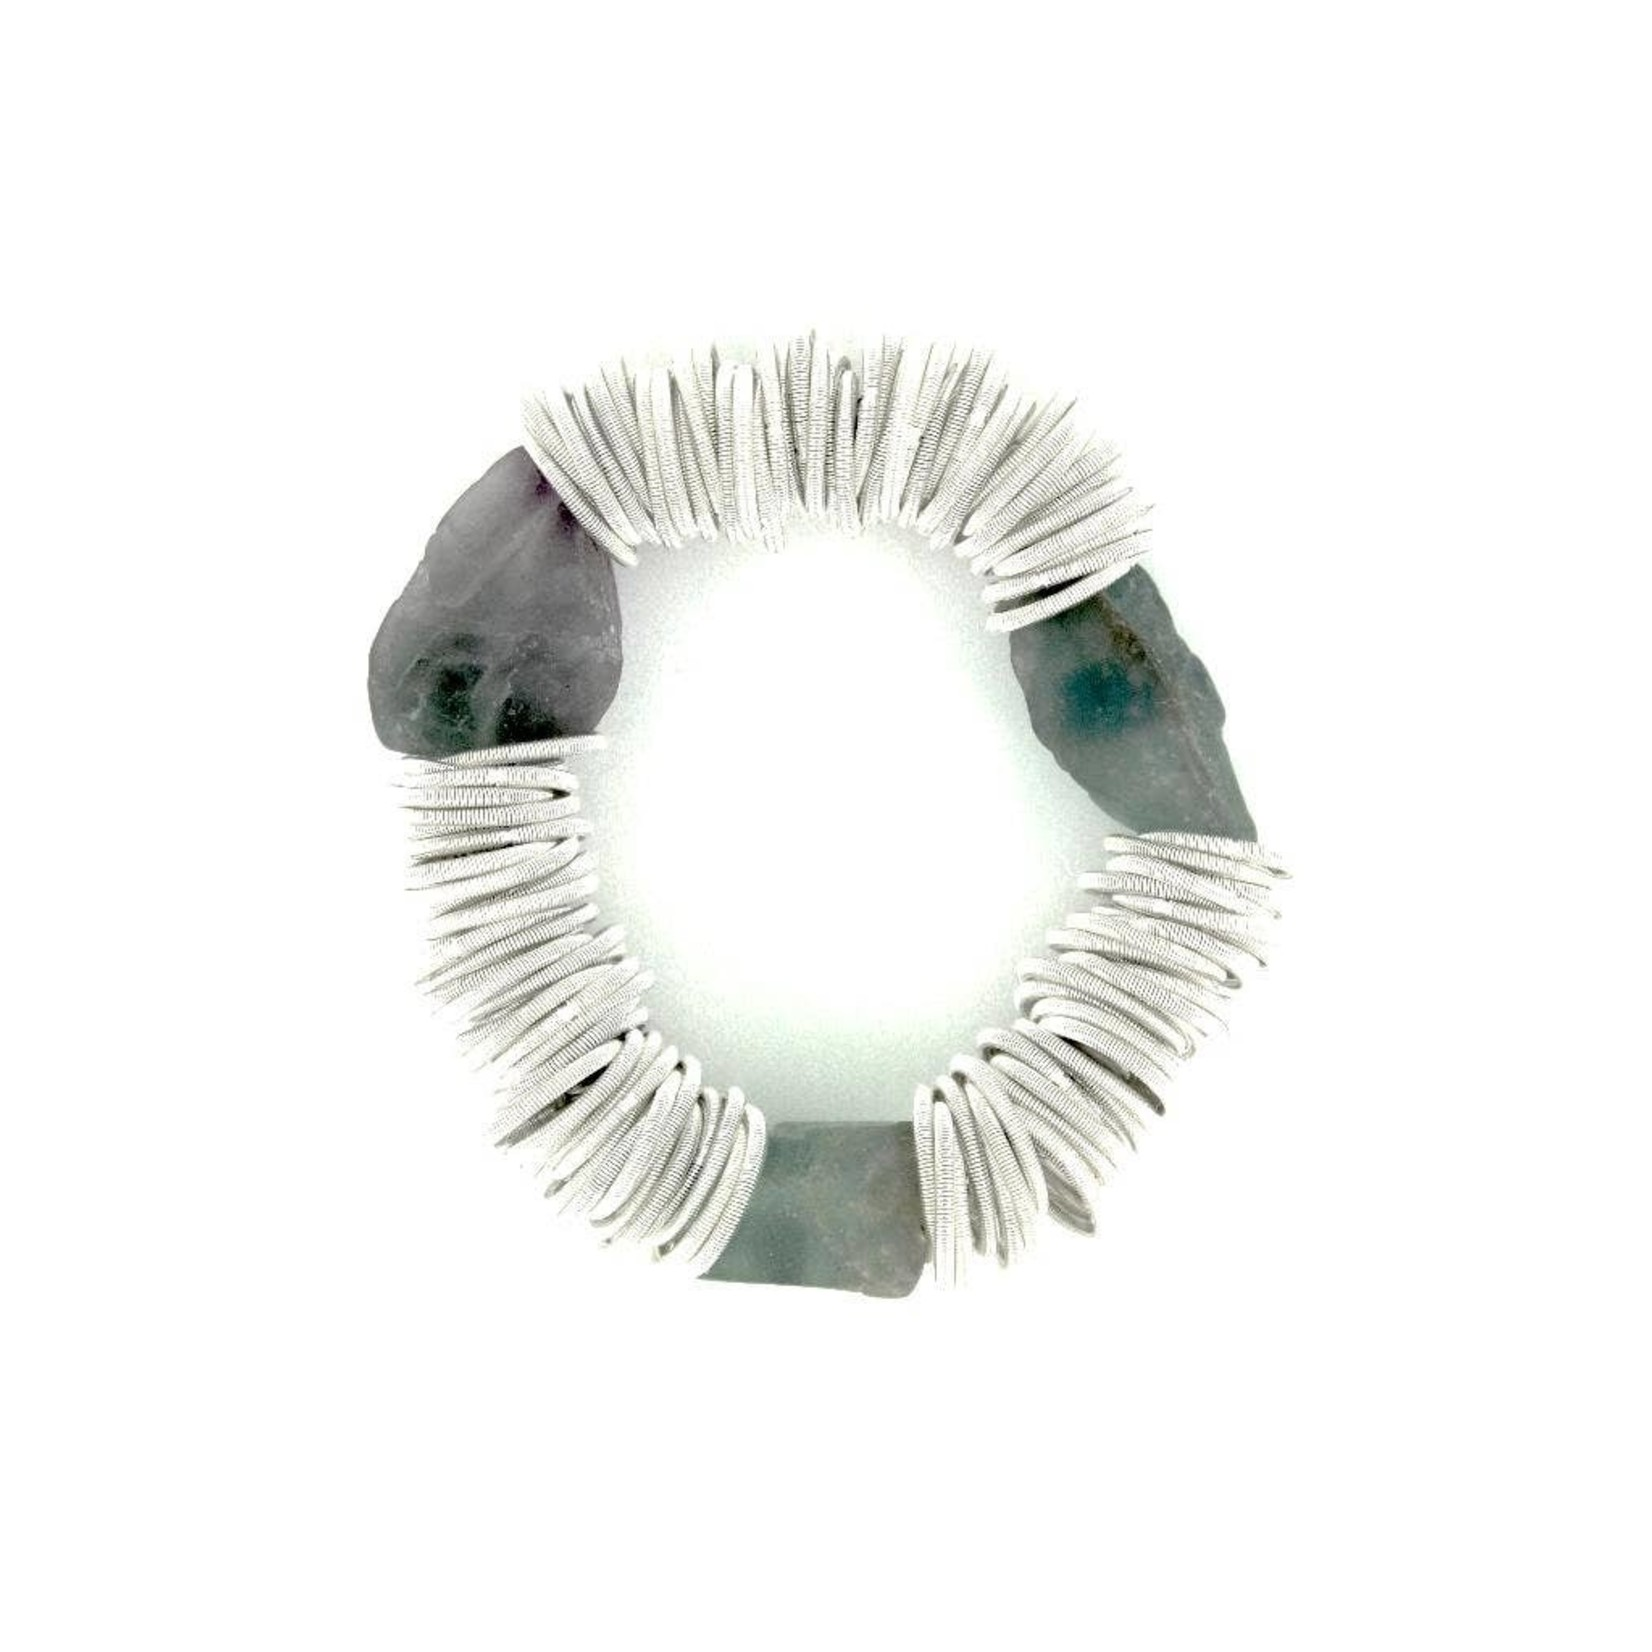 Sea Lily White PW Spring Ring Bracelet w/ Raw Fluorite Stones